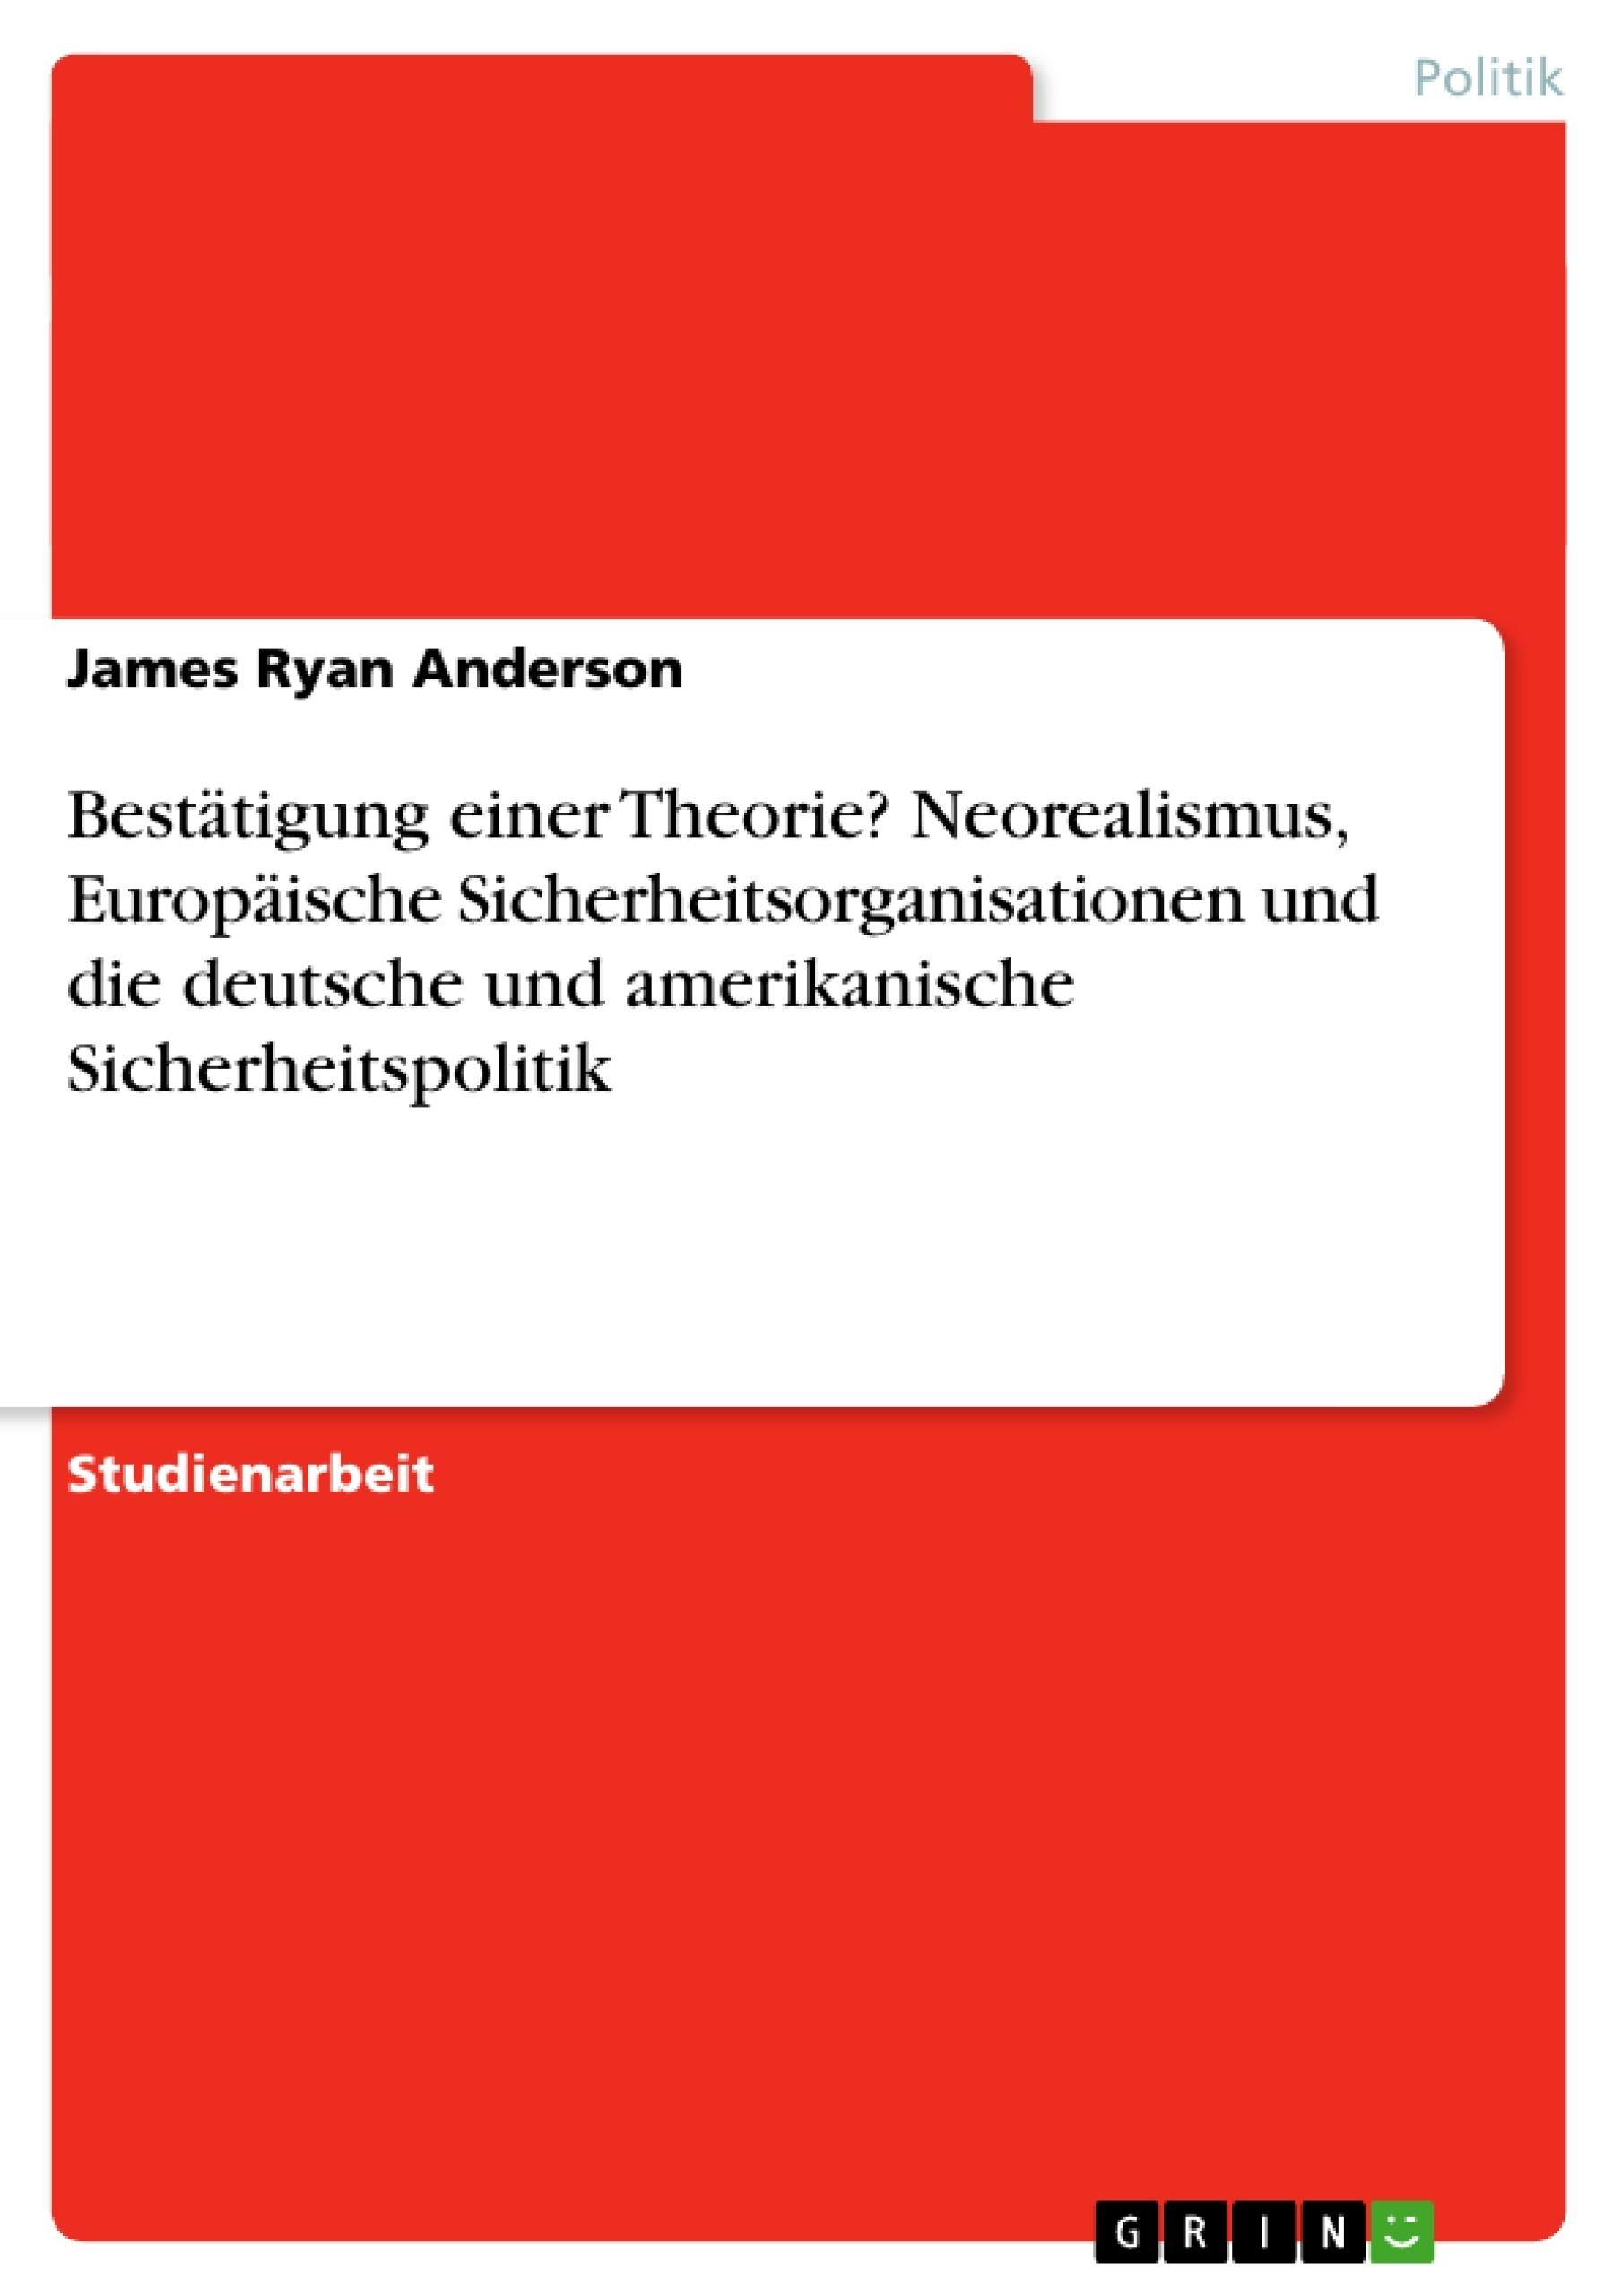 Titel: Bestätigung einer Theorie? Neorealismus, Europäische Sicherheitsorganisationen und die deutsche und amerikanische Sicherheitspolitik